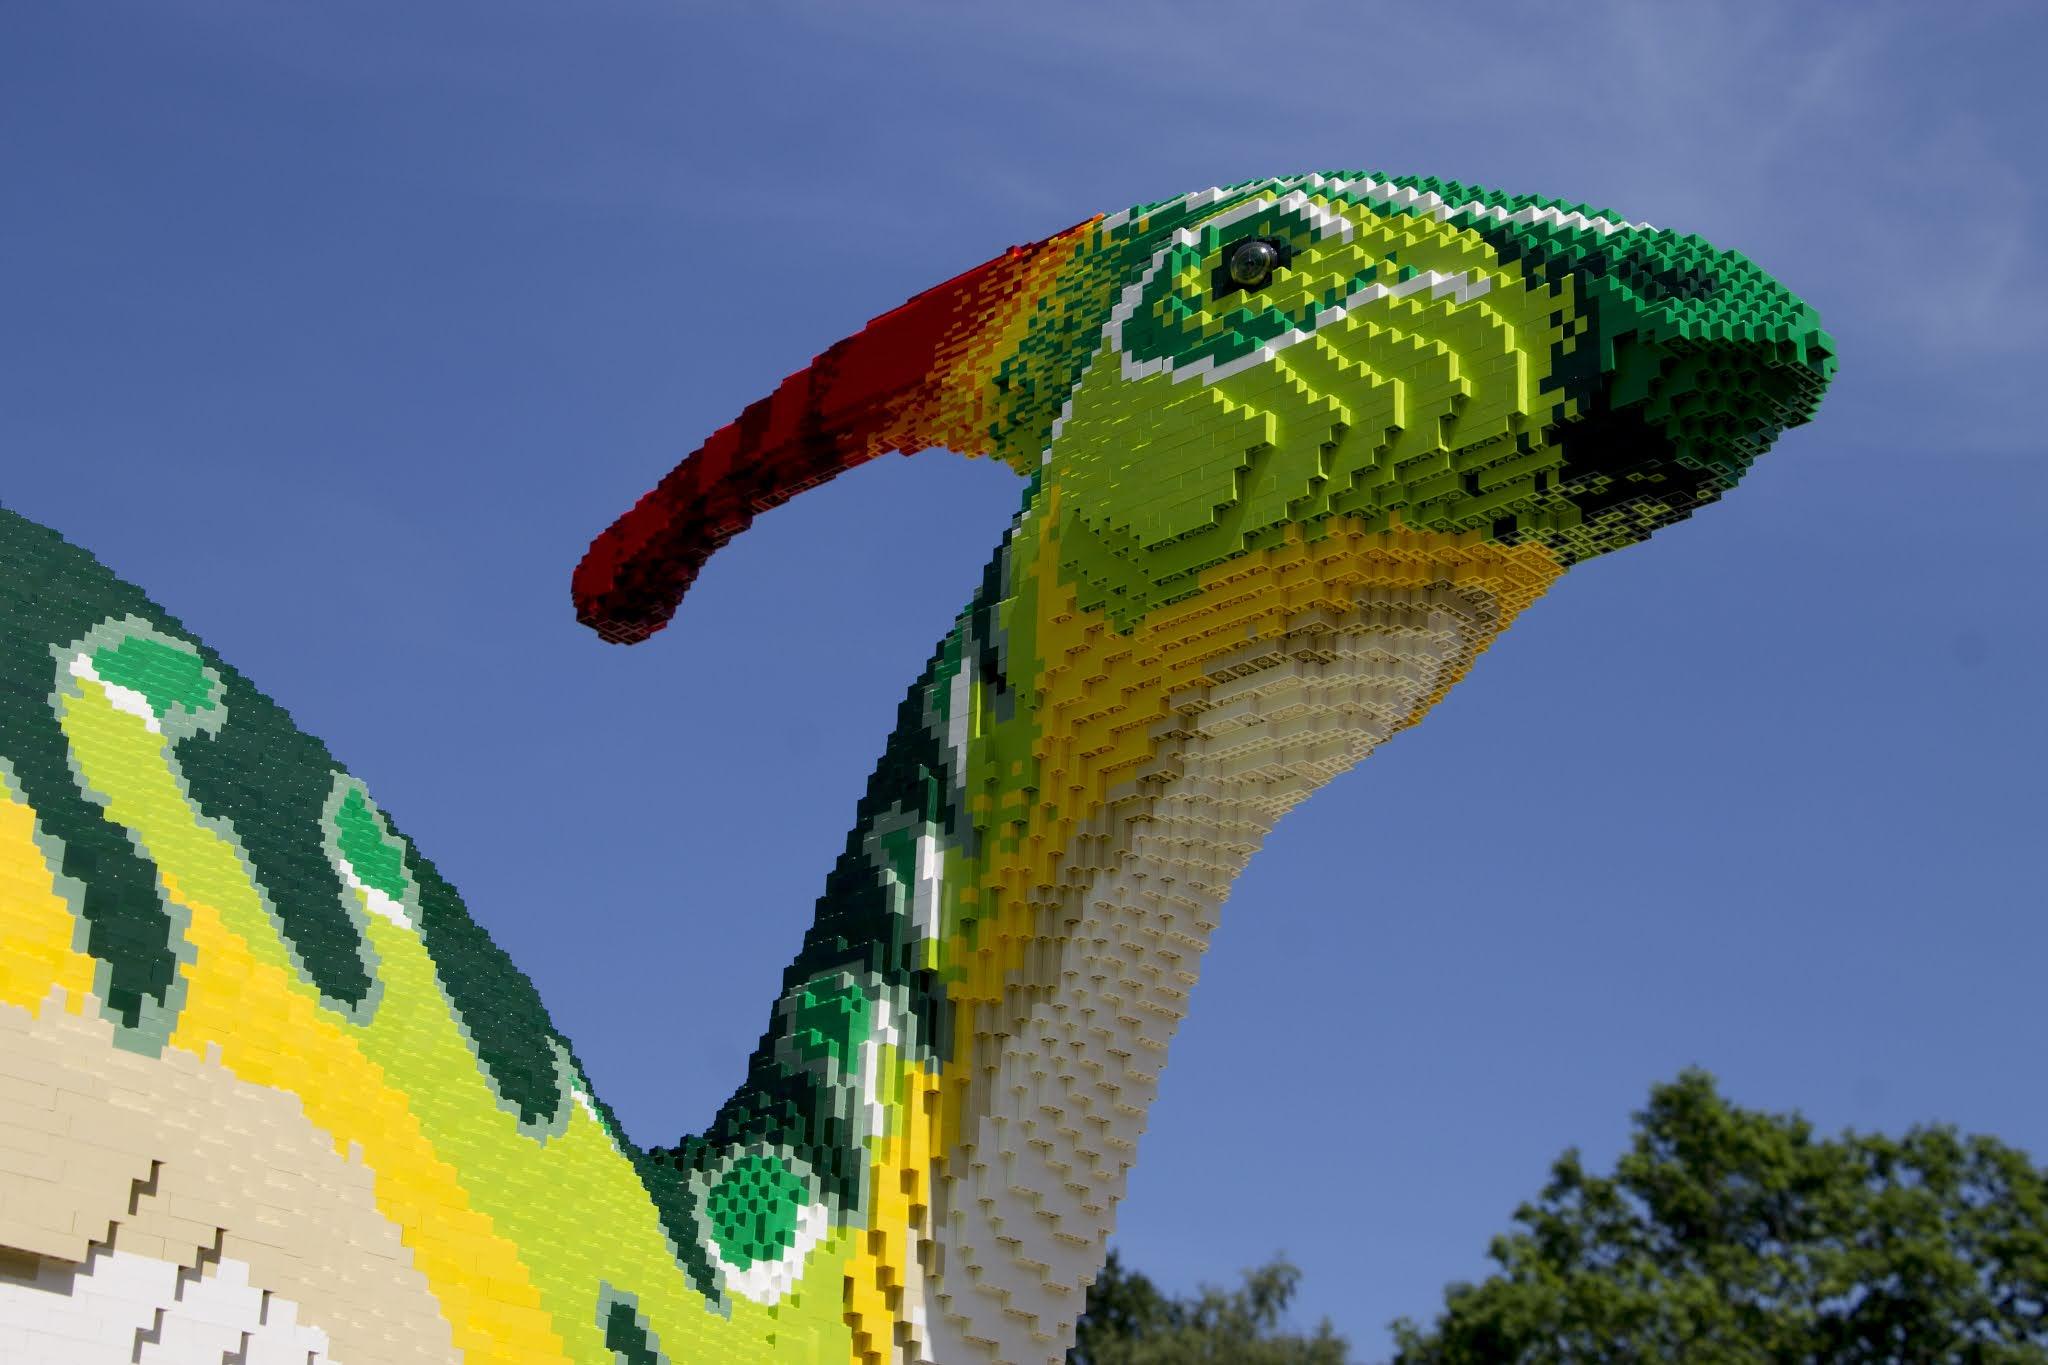 brickosaurs brick dinosaur